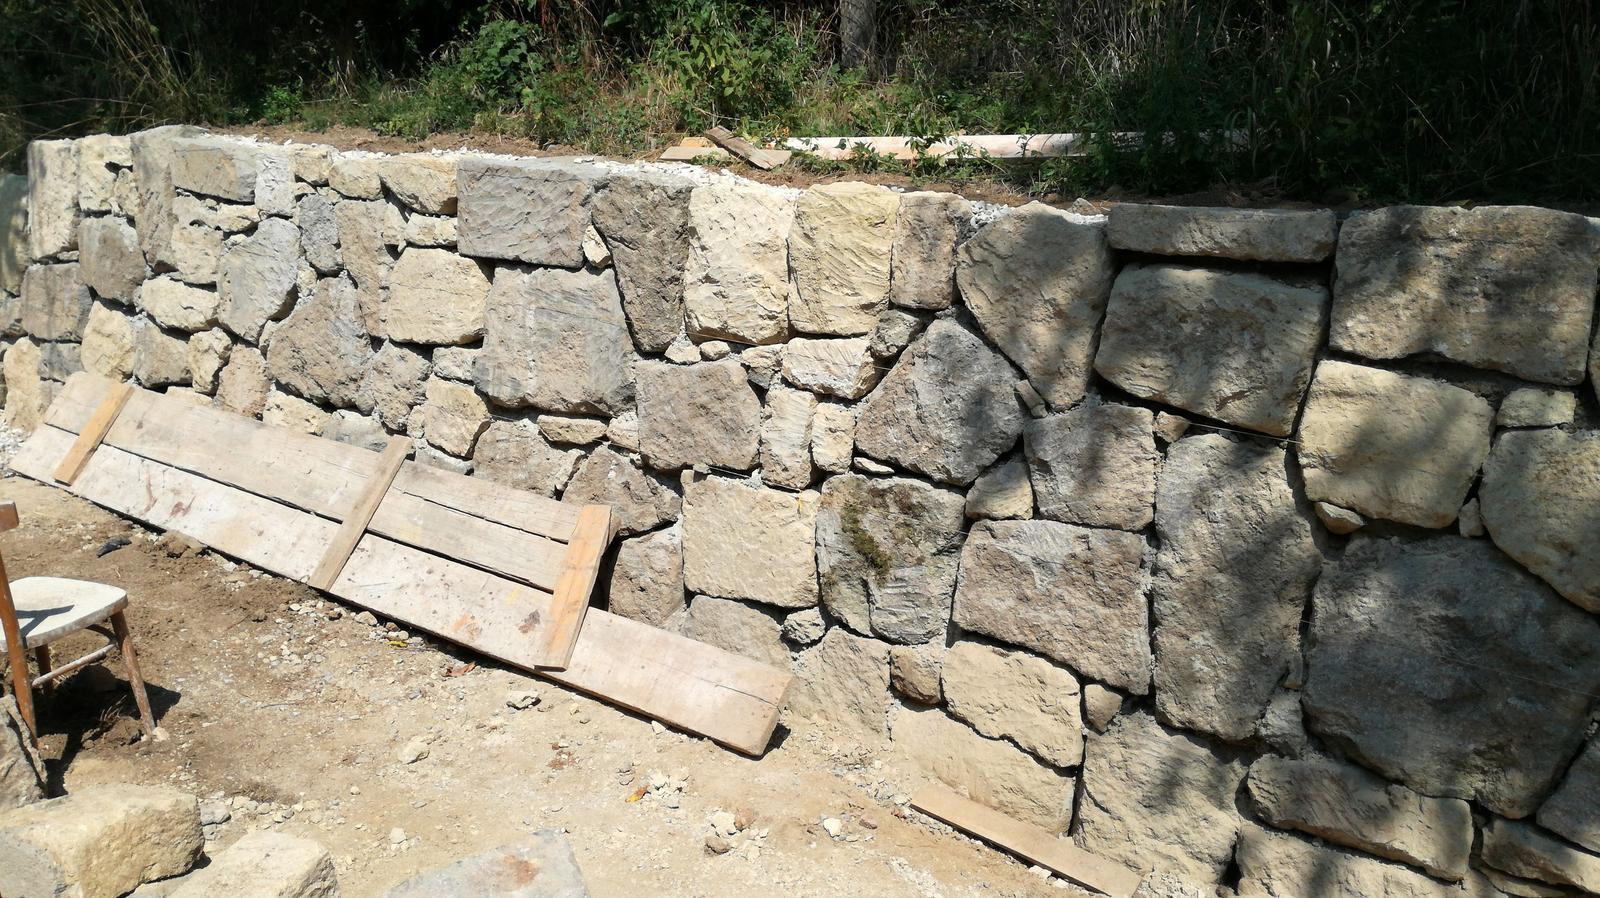 HACIENDA NAPOLI SEBECHLEBY - oporny mur z kamena..sparovat sa uz nebude.takto sa nam to paci